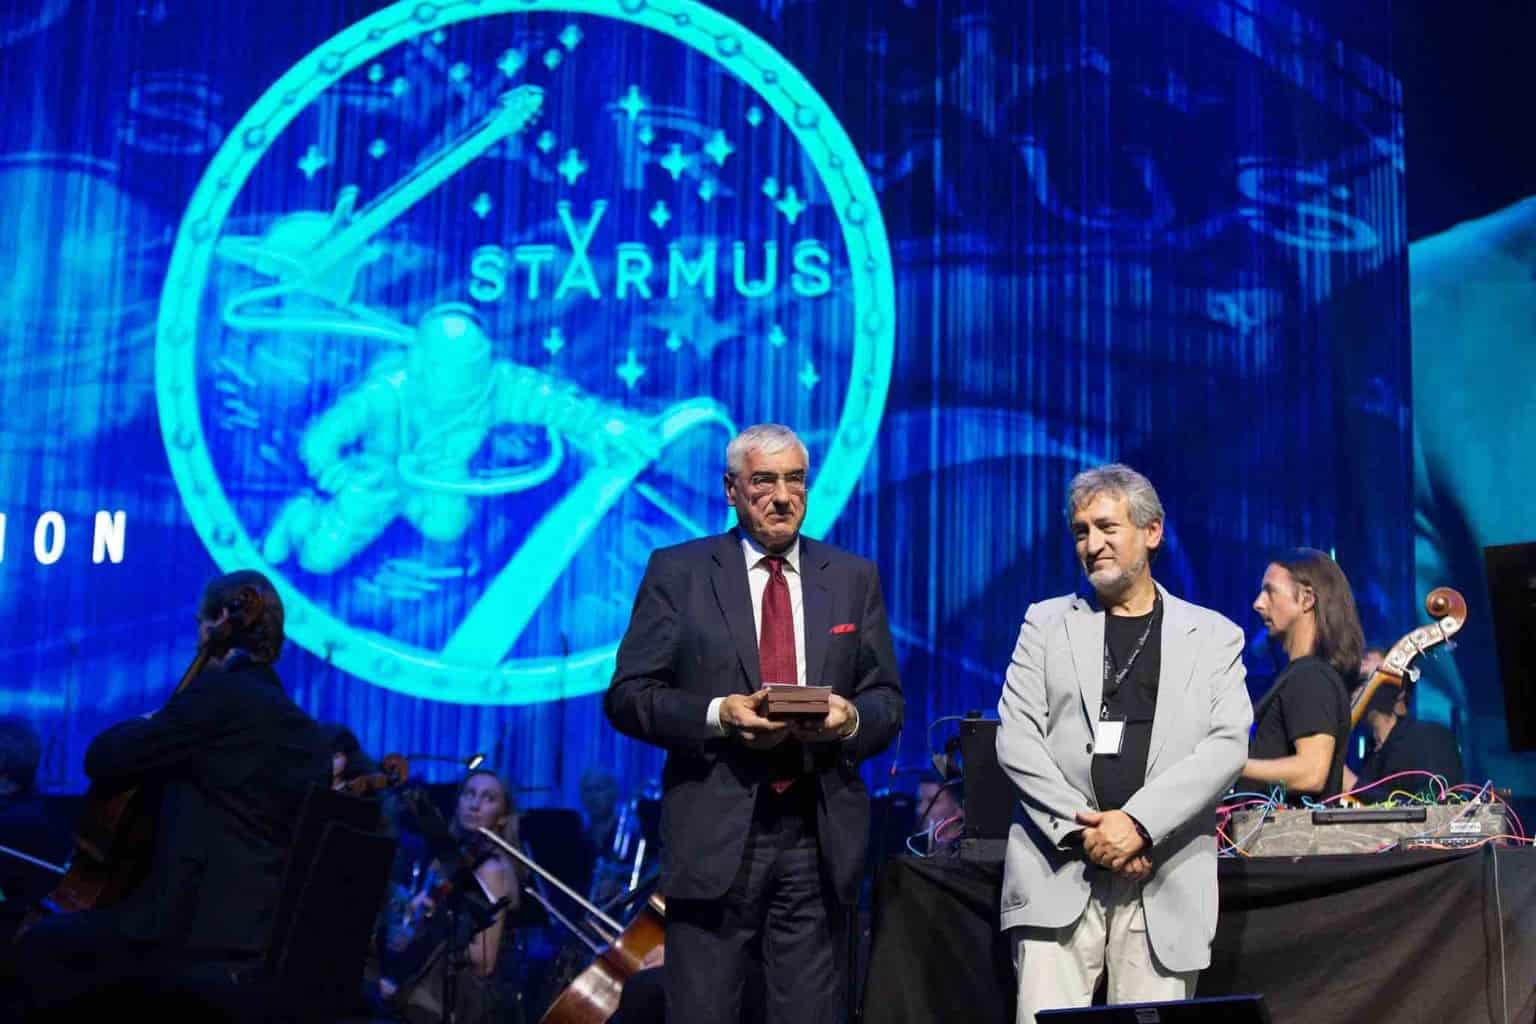 Starmus Festival Zurich